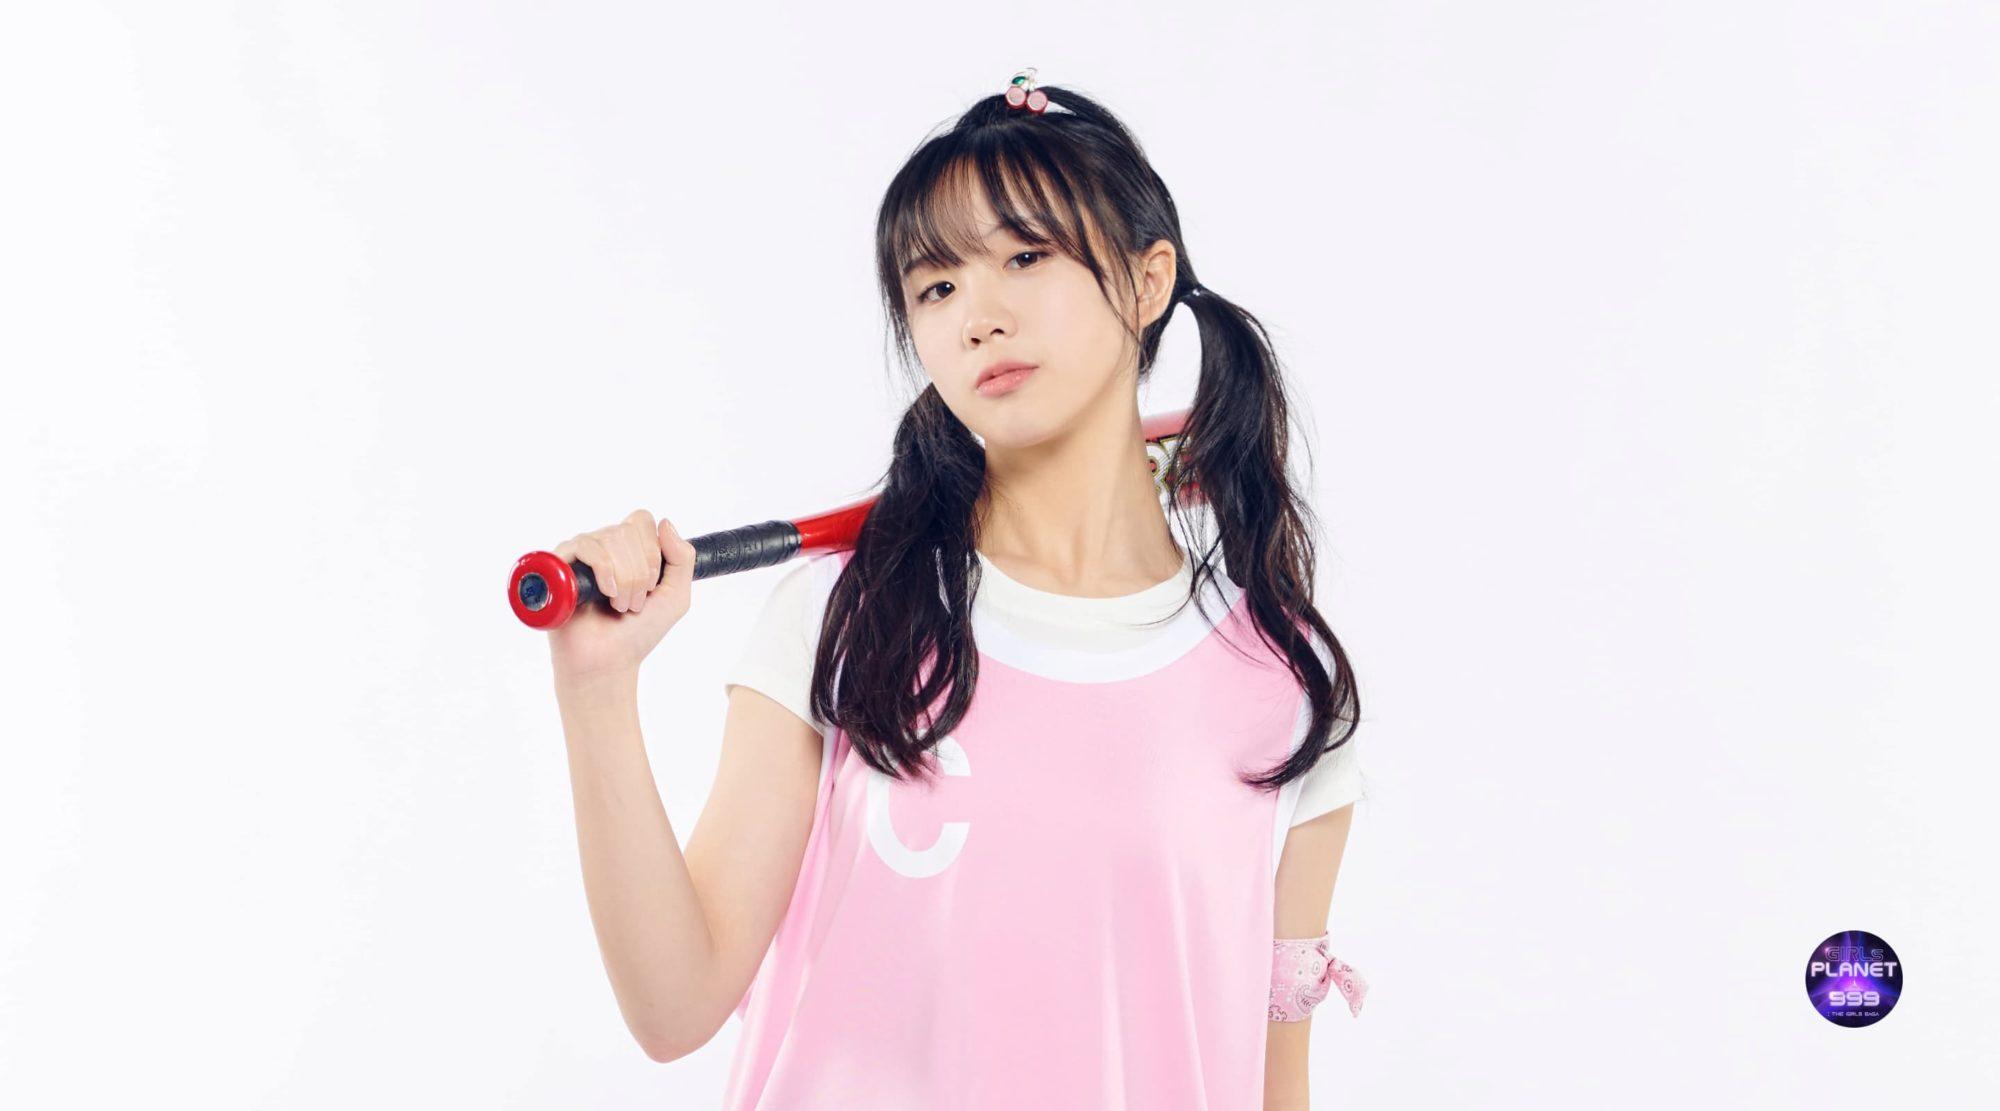 Liang Jiao Girls Planet 999